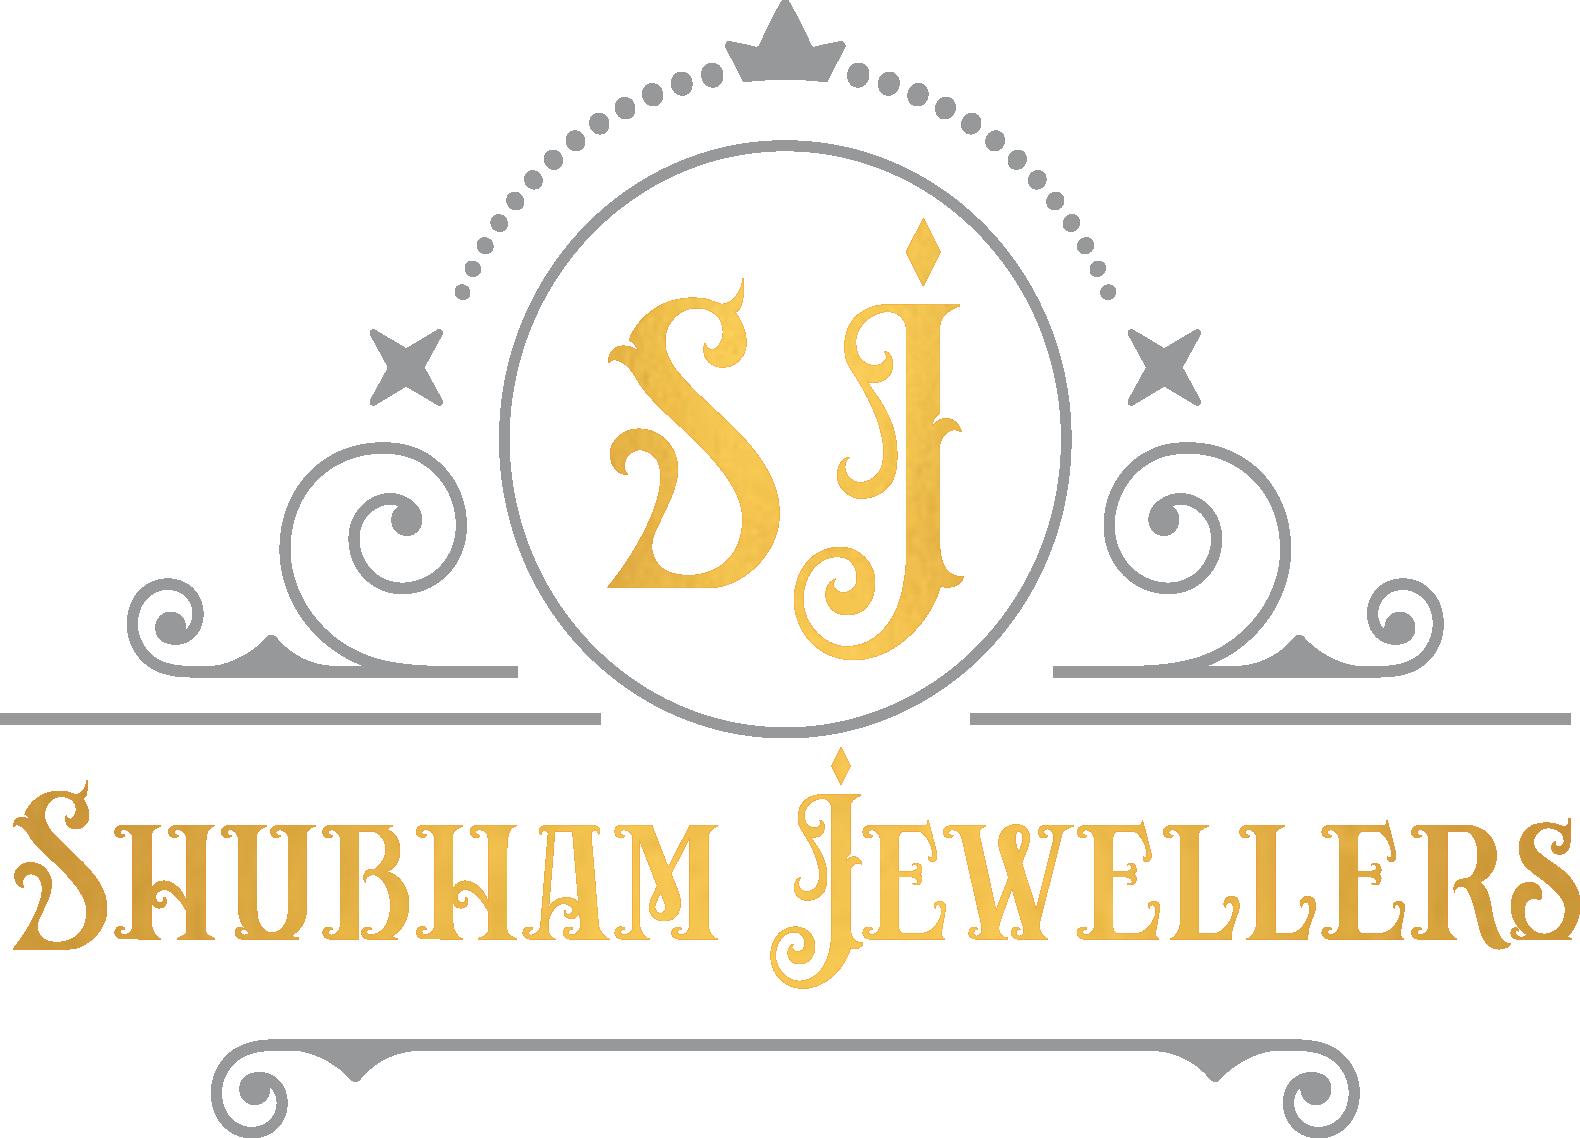 Shubham Jewellers Rehti